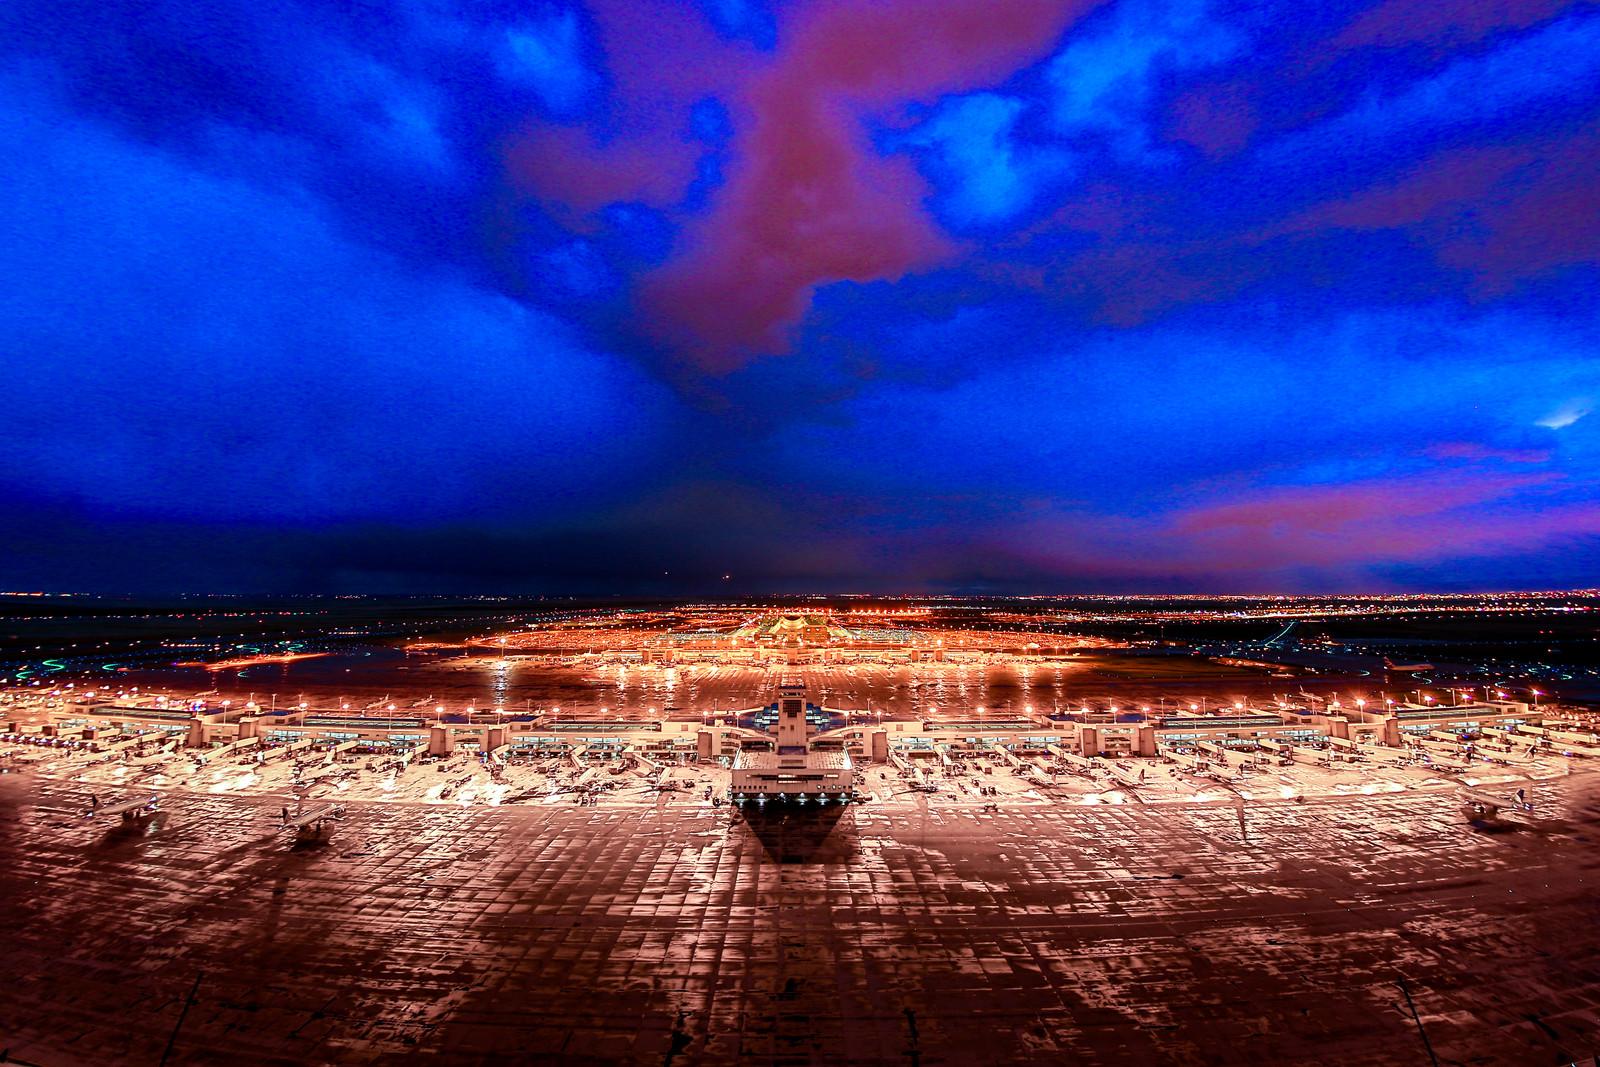 DEN Concourse Expansion Program